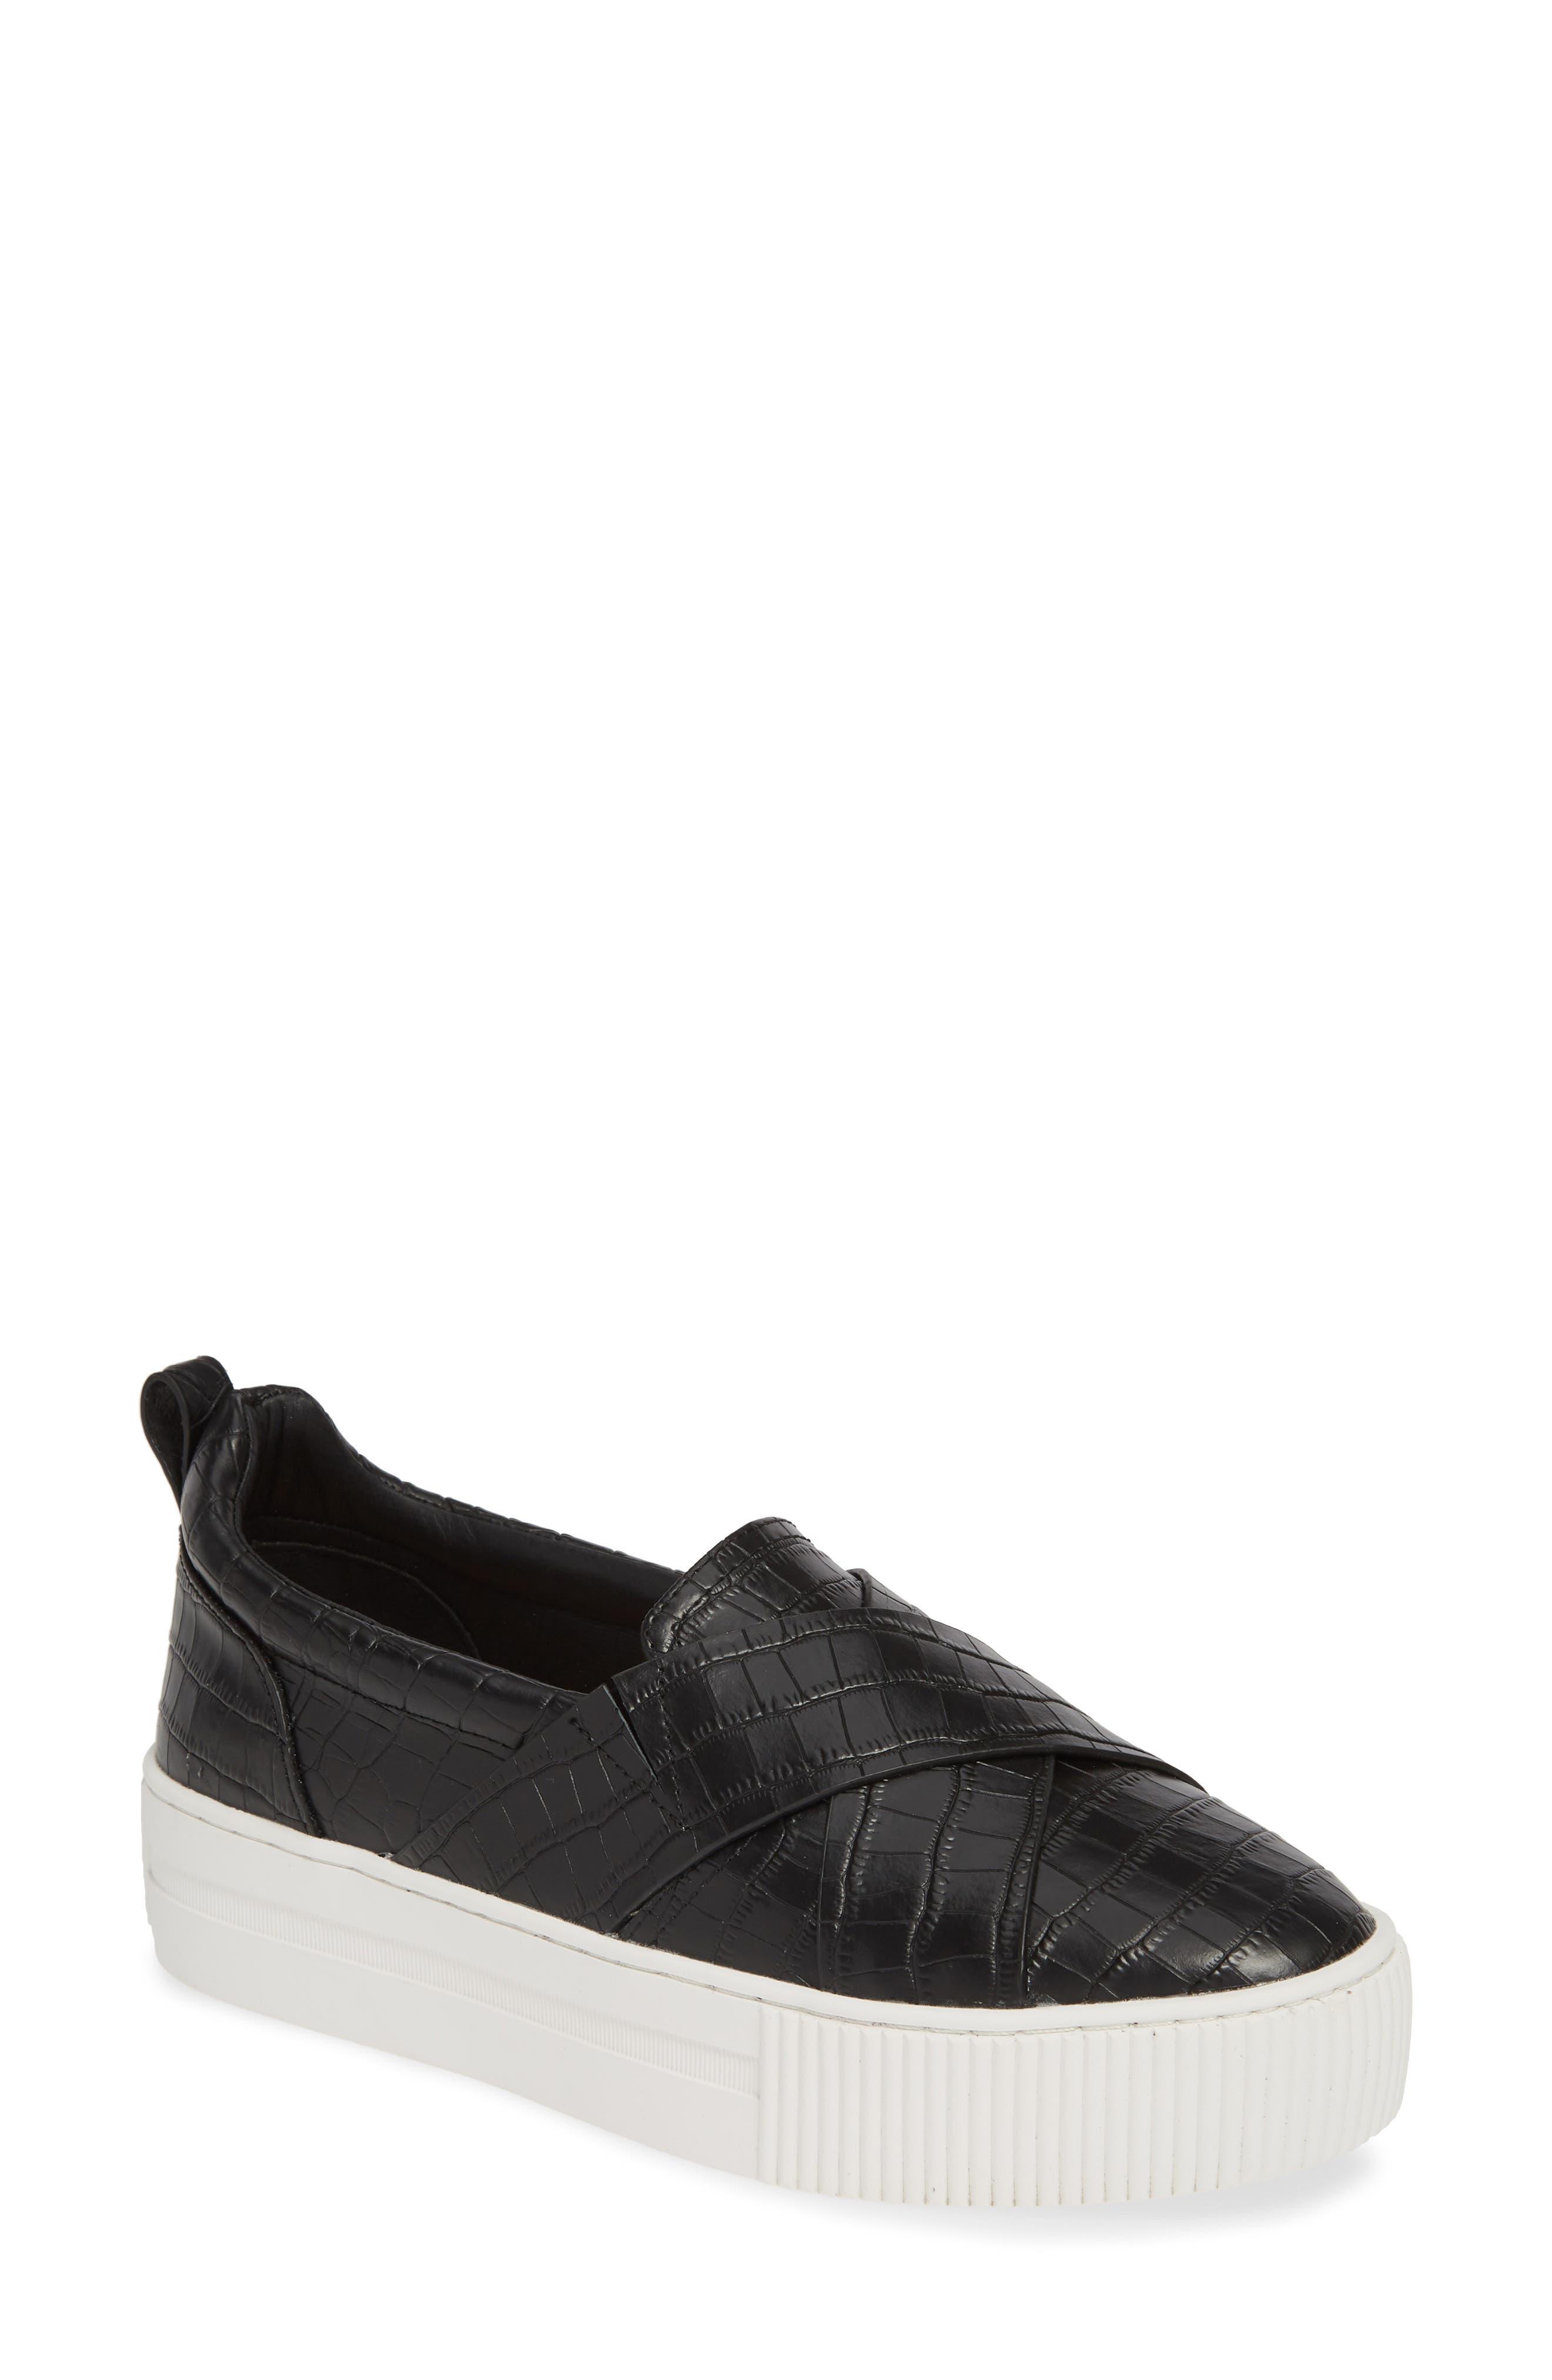 Blakely Slip-On Platform Sneaker, Main, color, BLACK CROCO PRINTED LEATHER